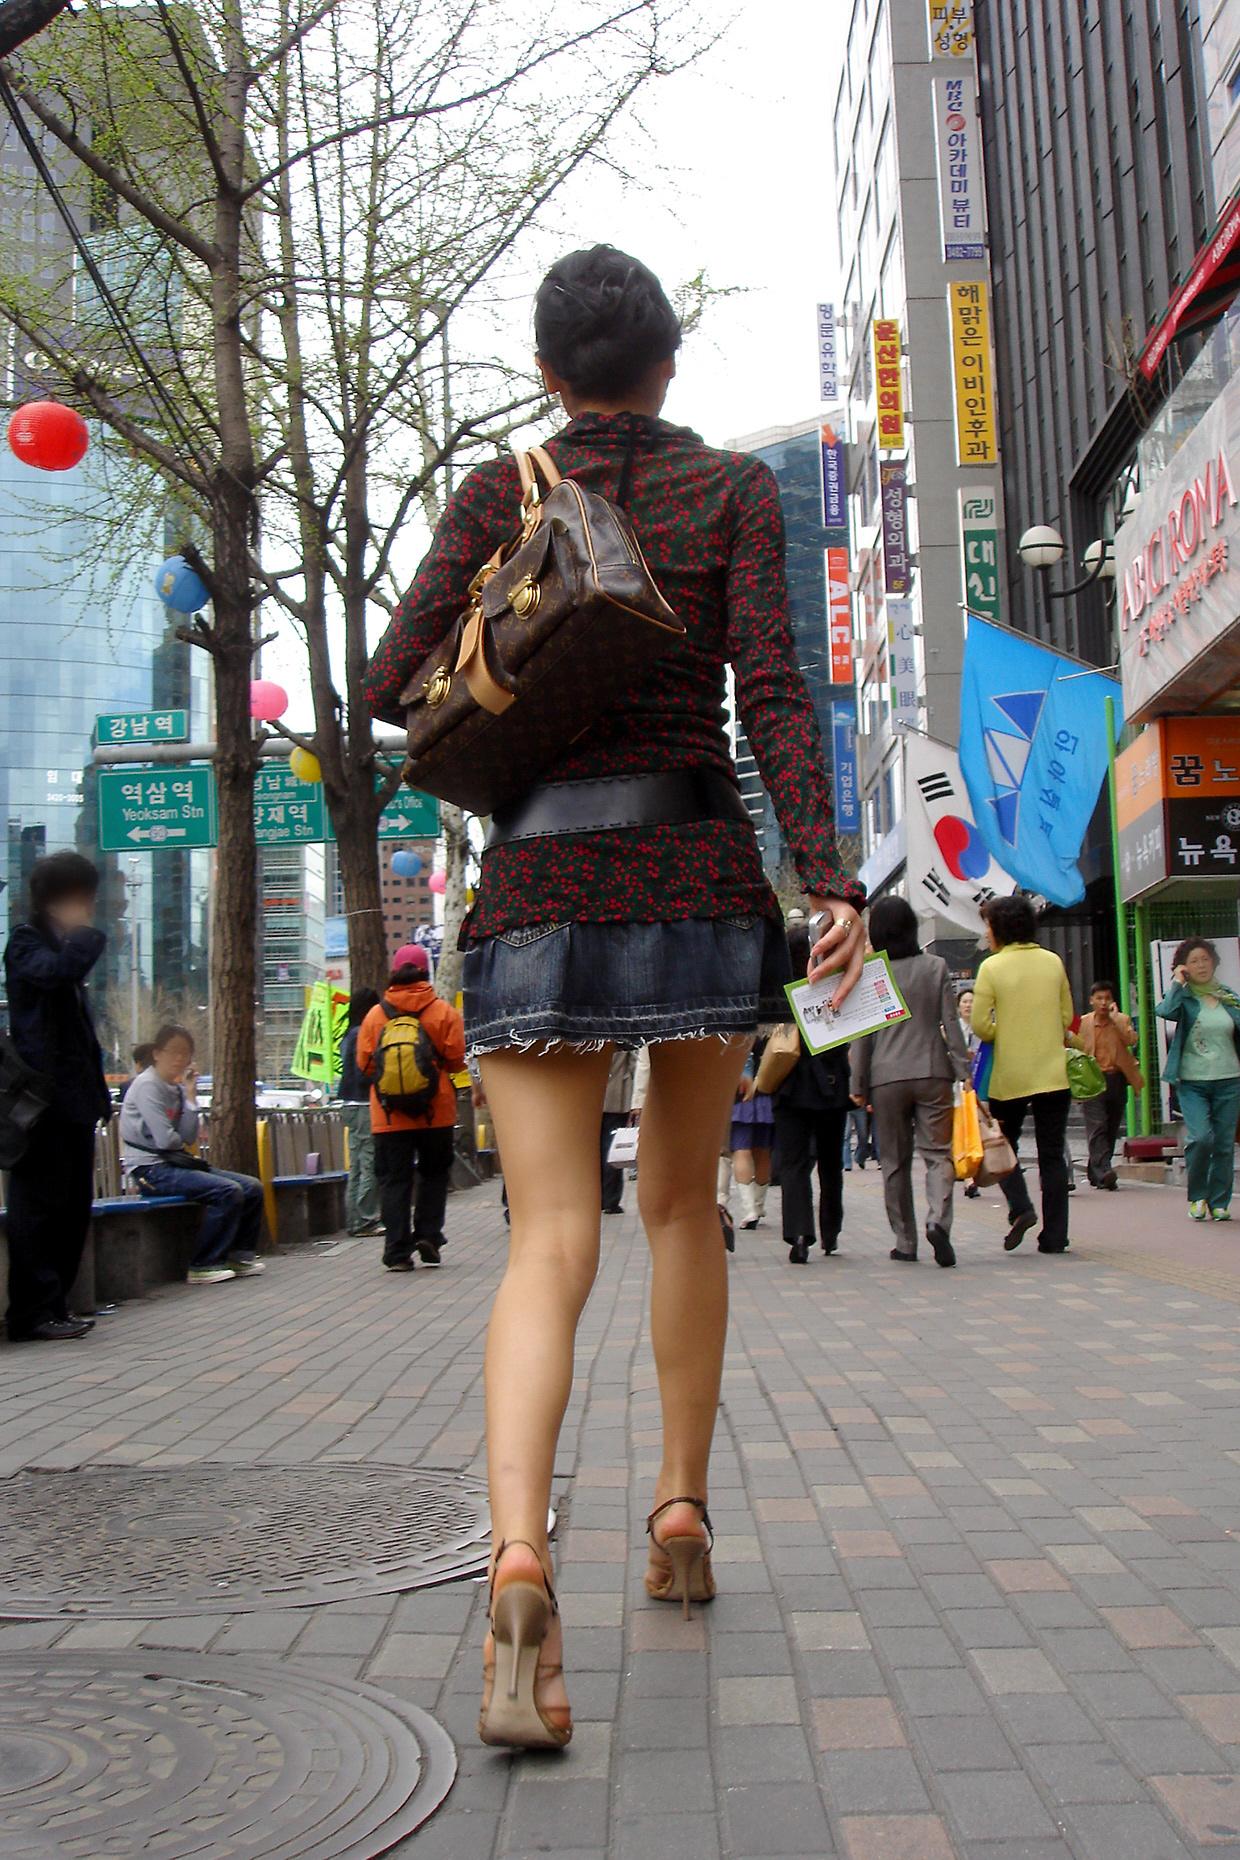 デニムのミニスカート大好き人間集合11 [無断転載禁止]©bbspink.comYouTube動画>2本 ->画像>1003枚